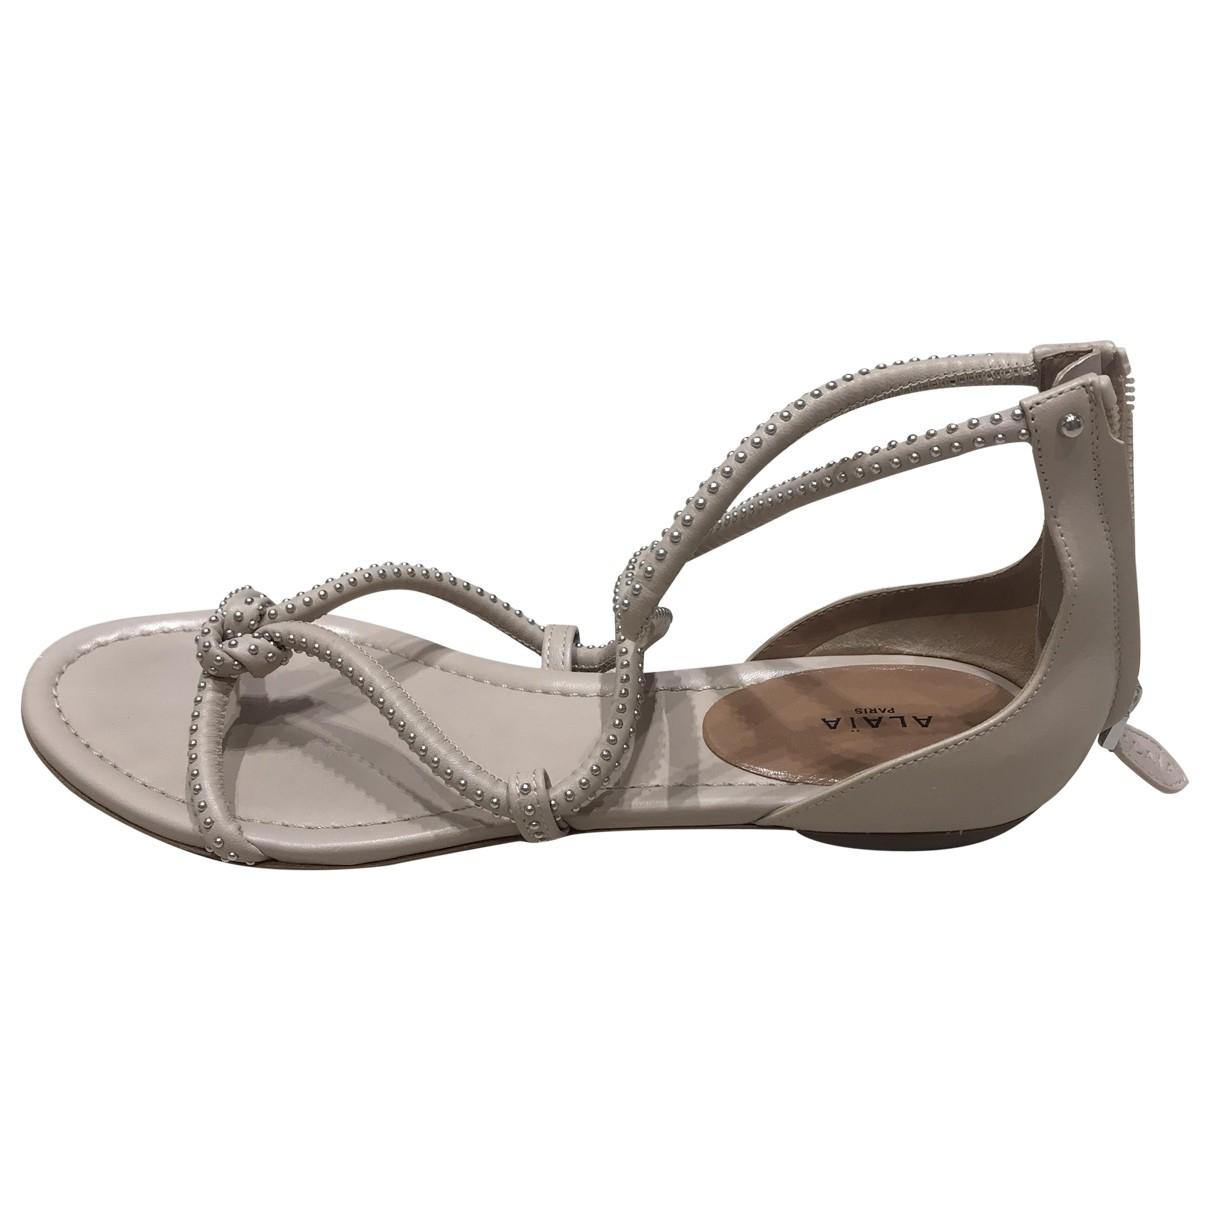 Alaia - Sandales   pour femme en cuir - beige